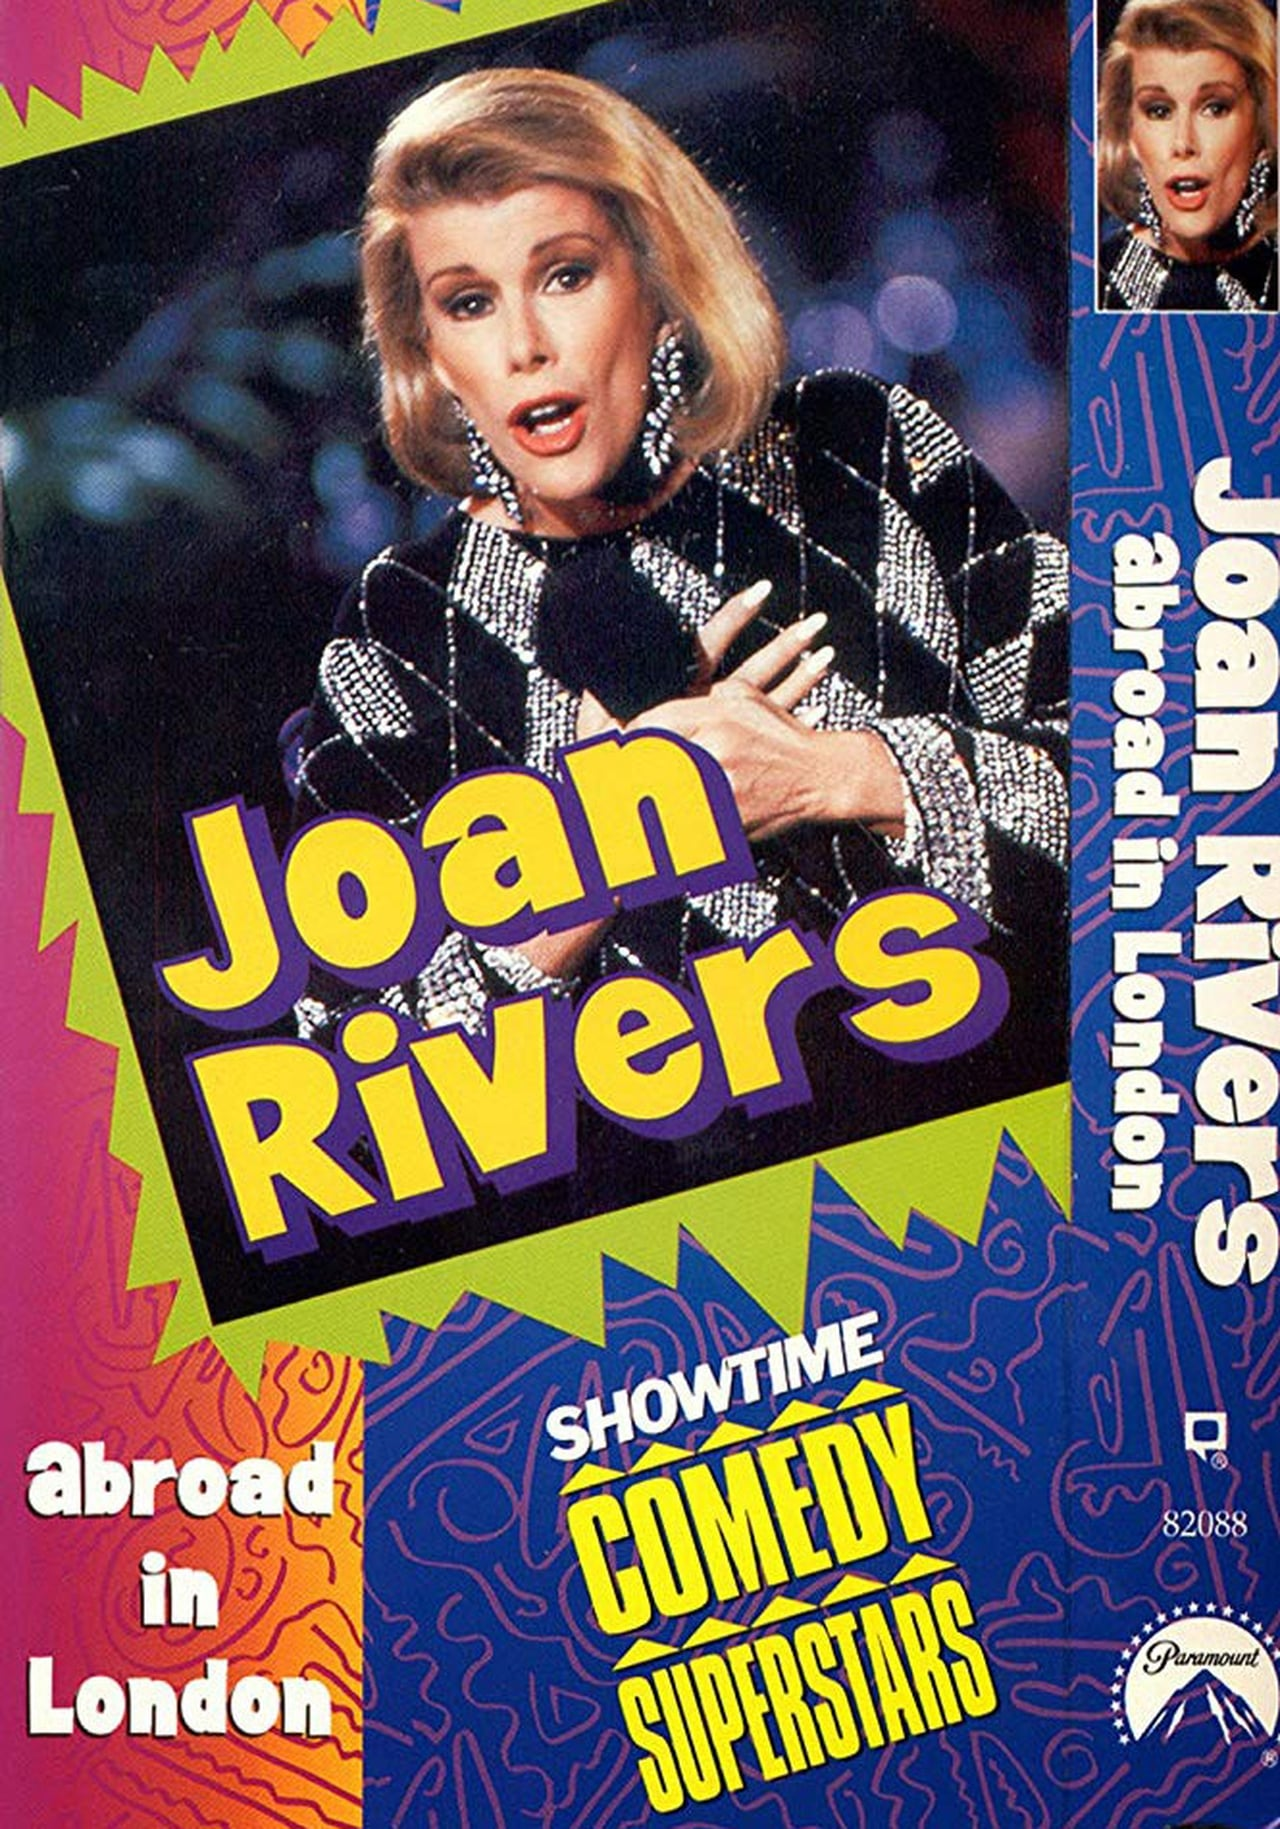 Joan Rivers: Abroad in London